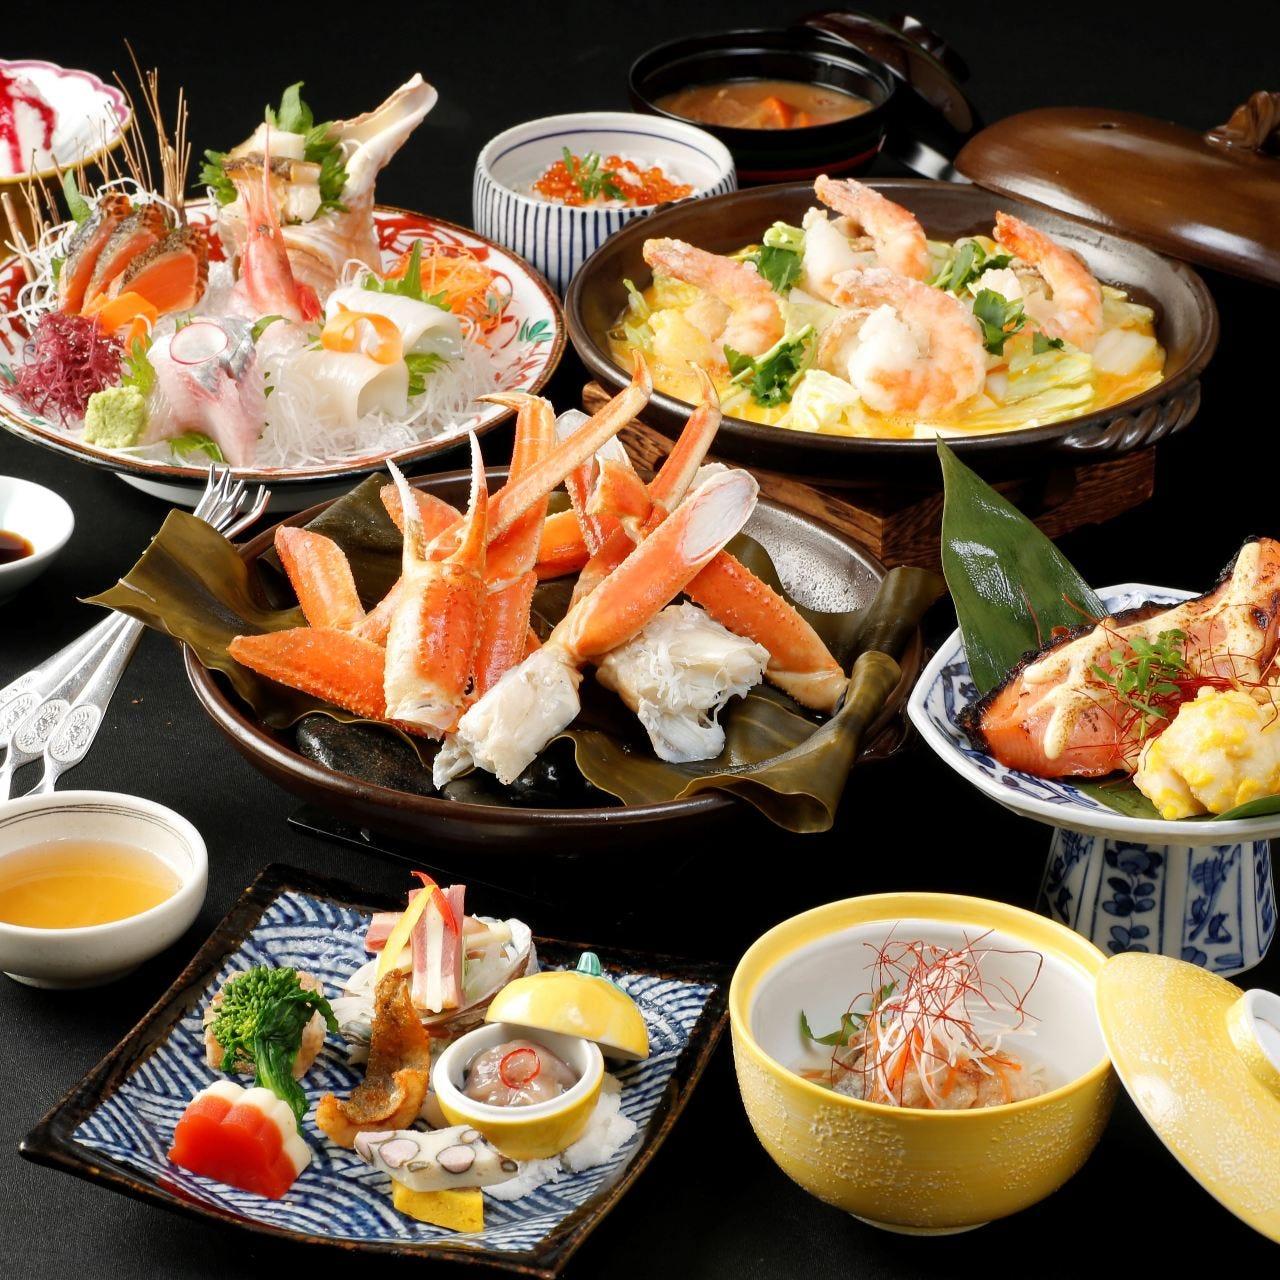 【飲み放題付】本ずわい蟹酒蒸しと海鮮贅沢コース<全8品>歓送迎会、同窓会、ご接待などに!